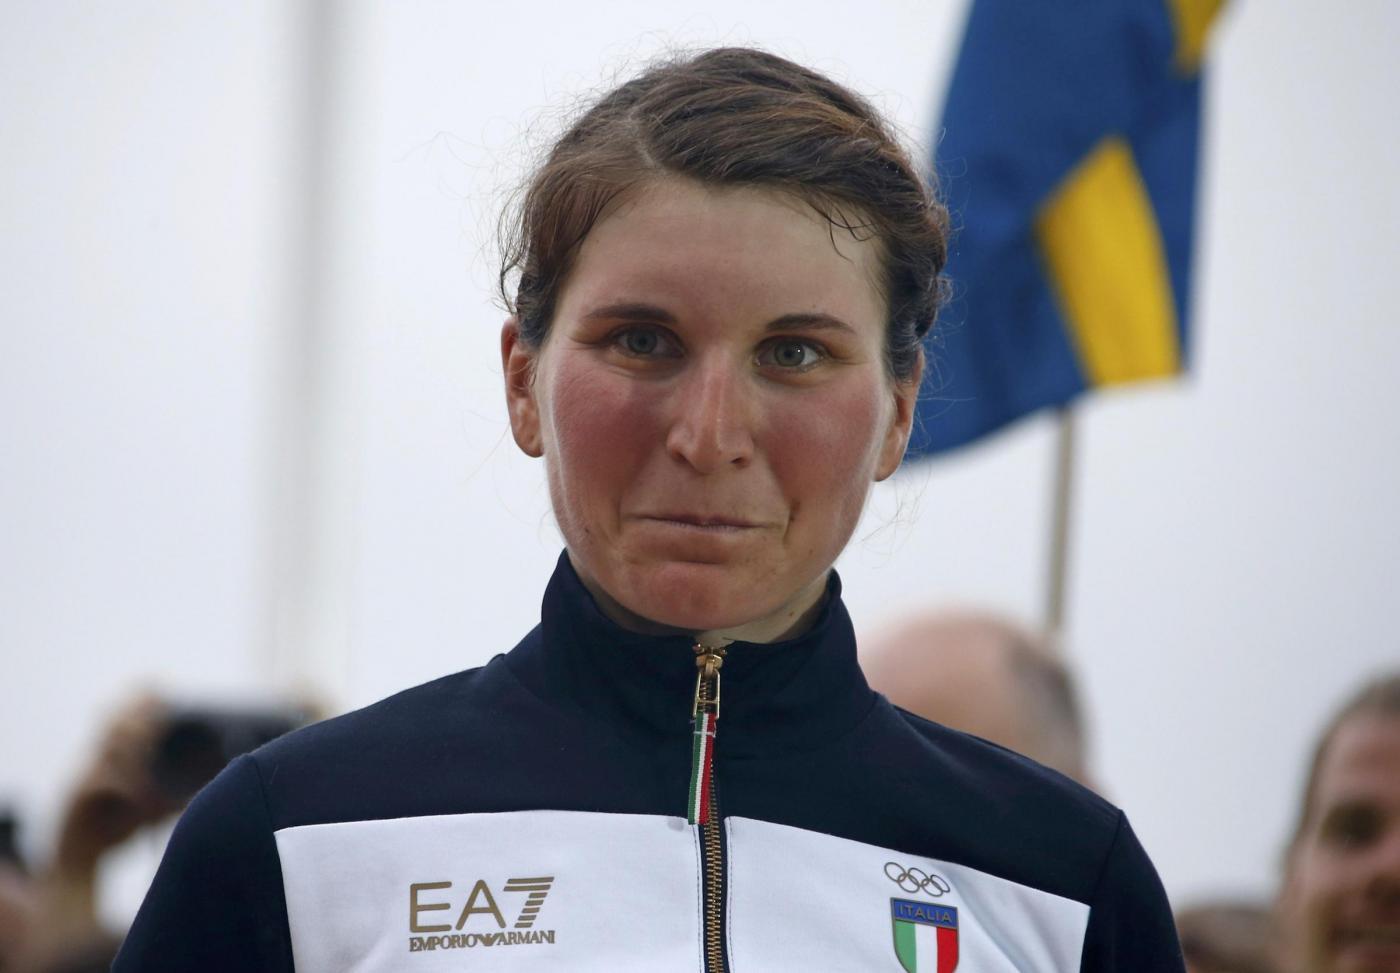 Olimpiadi, nulla da fare per Bronzini. Terza la Longo Borghini